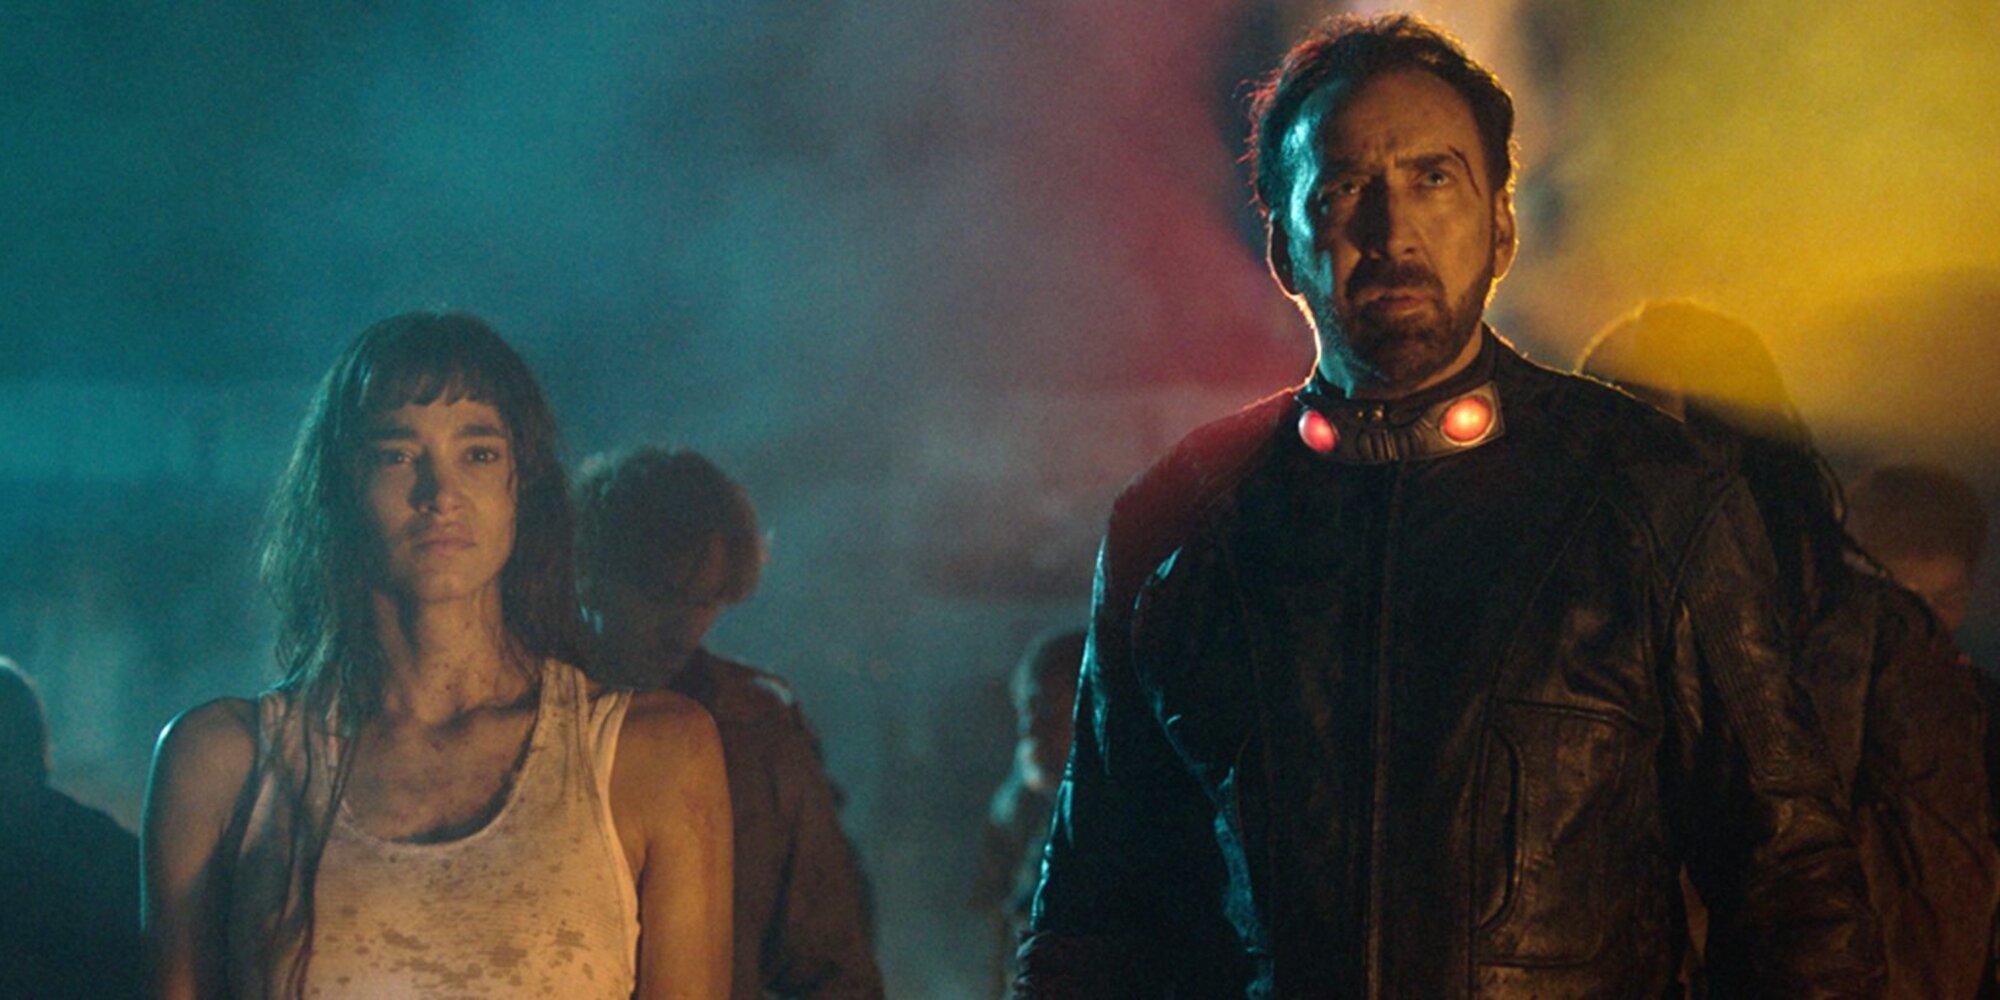 Nicolas Cage risks his life and genitals in Prisoners of the Ghostland   Prisoners of the Ghostland (2021) [Download Movie]